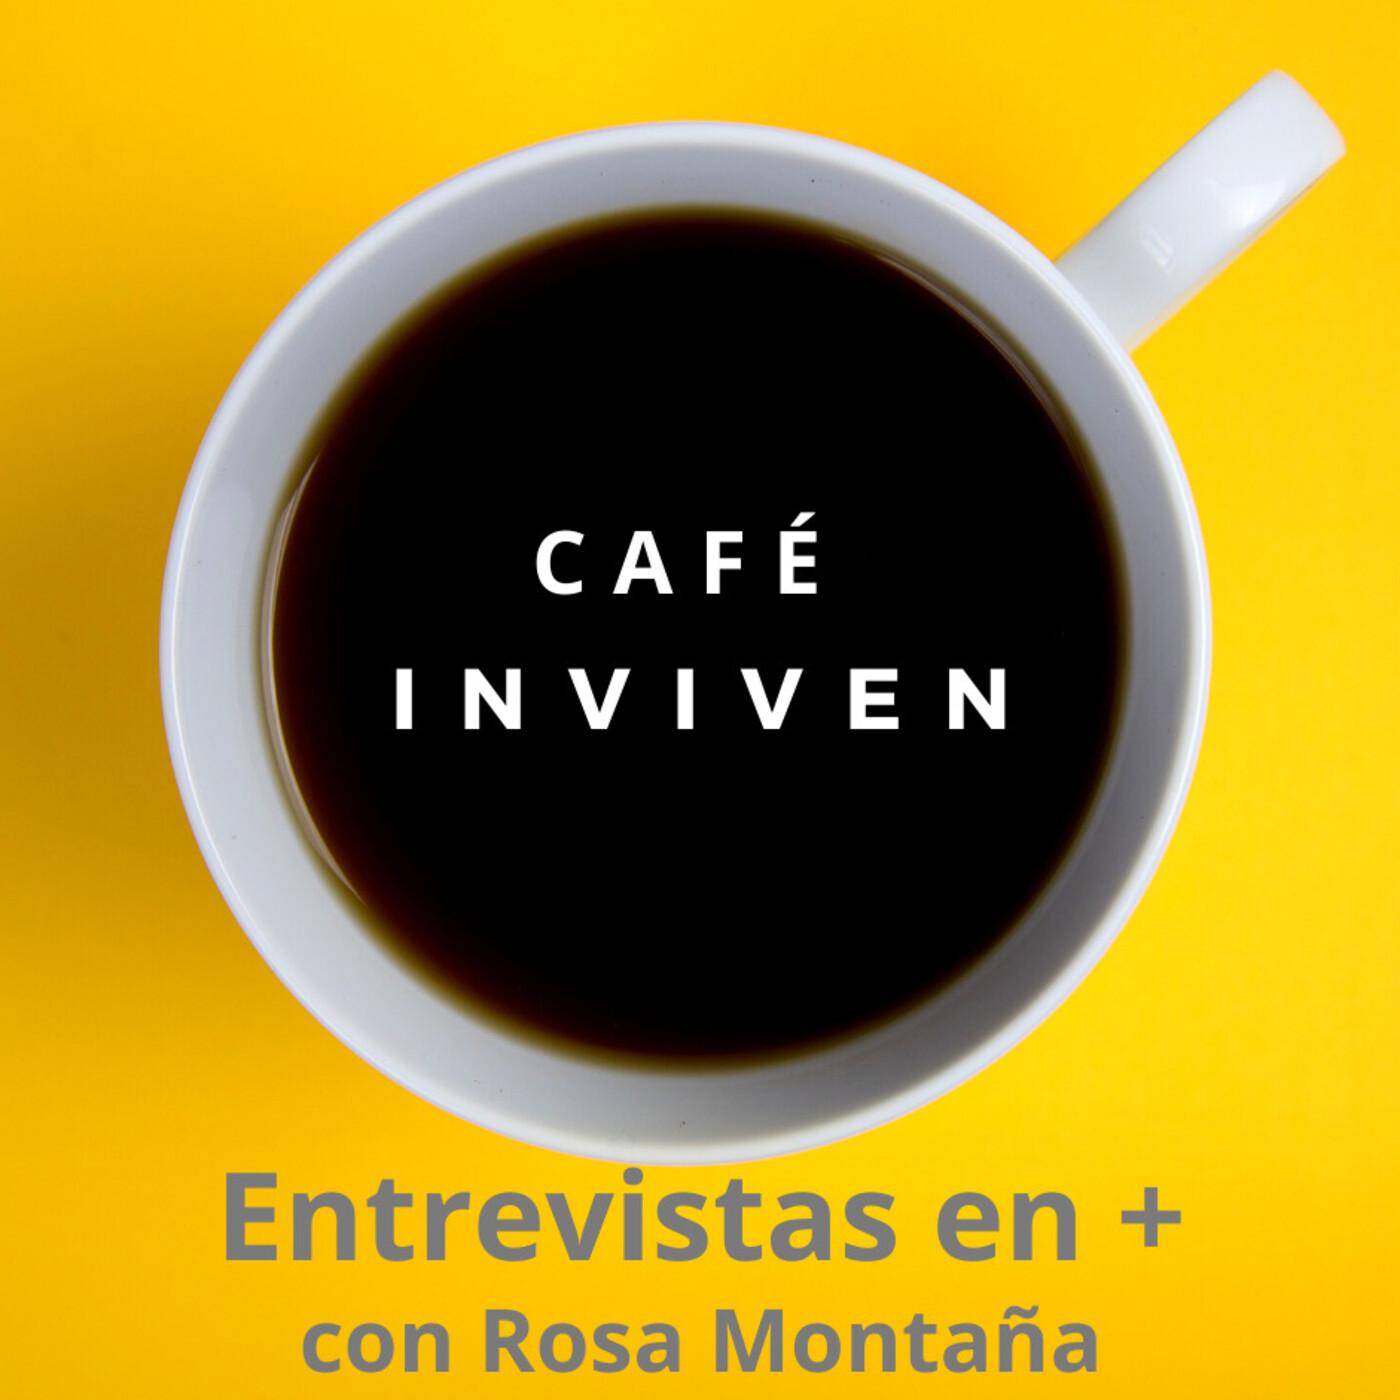 CAFÉ INVIVEN